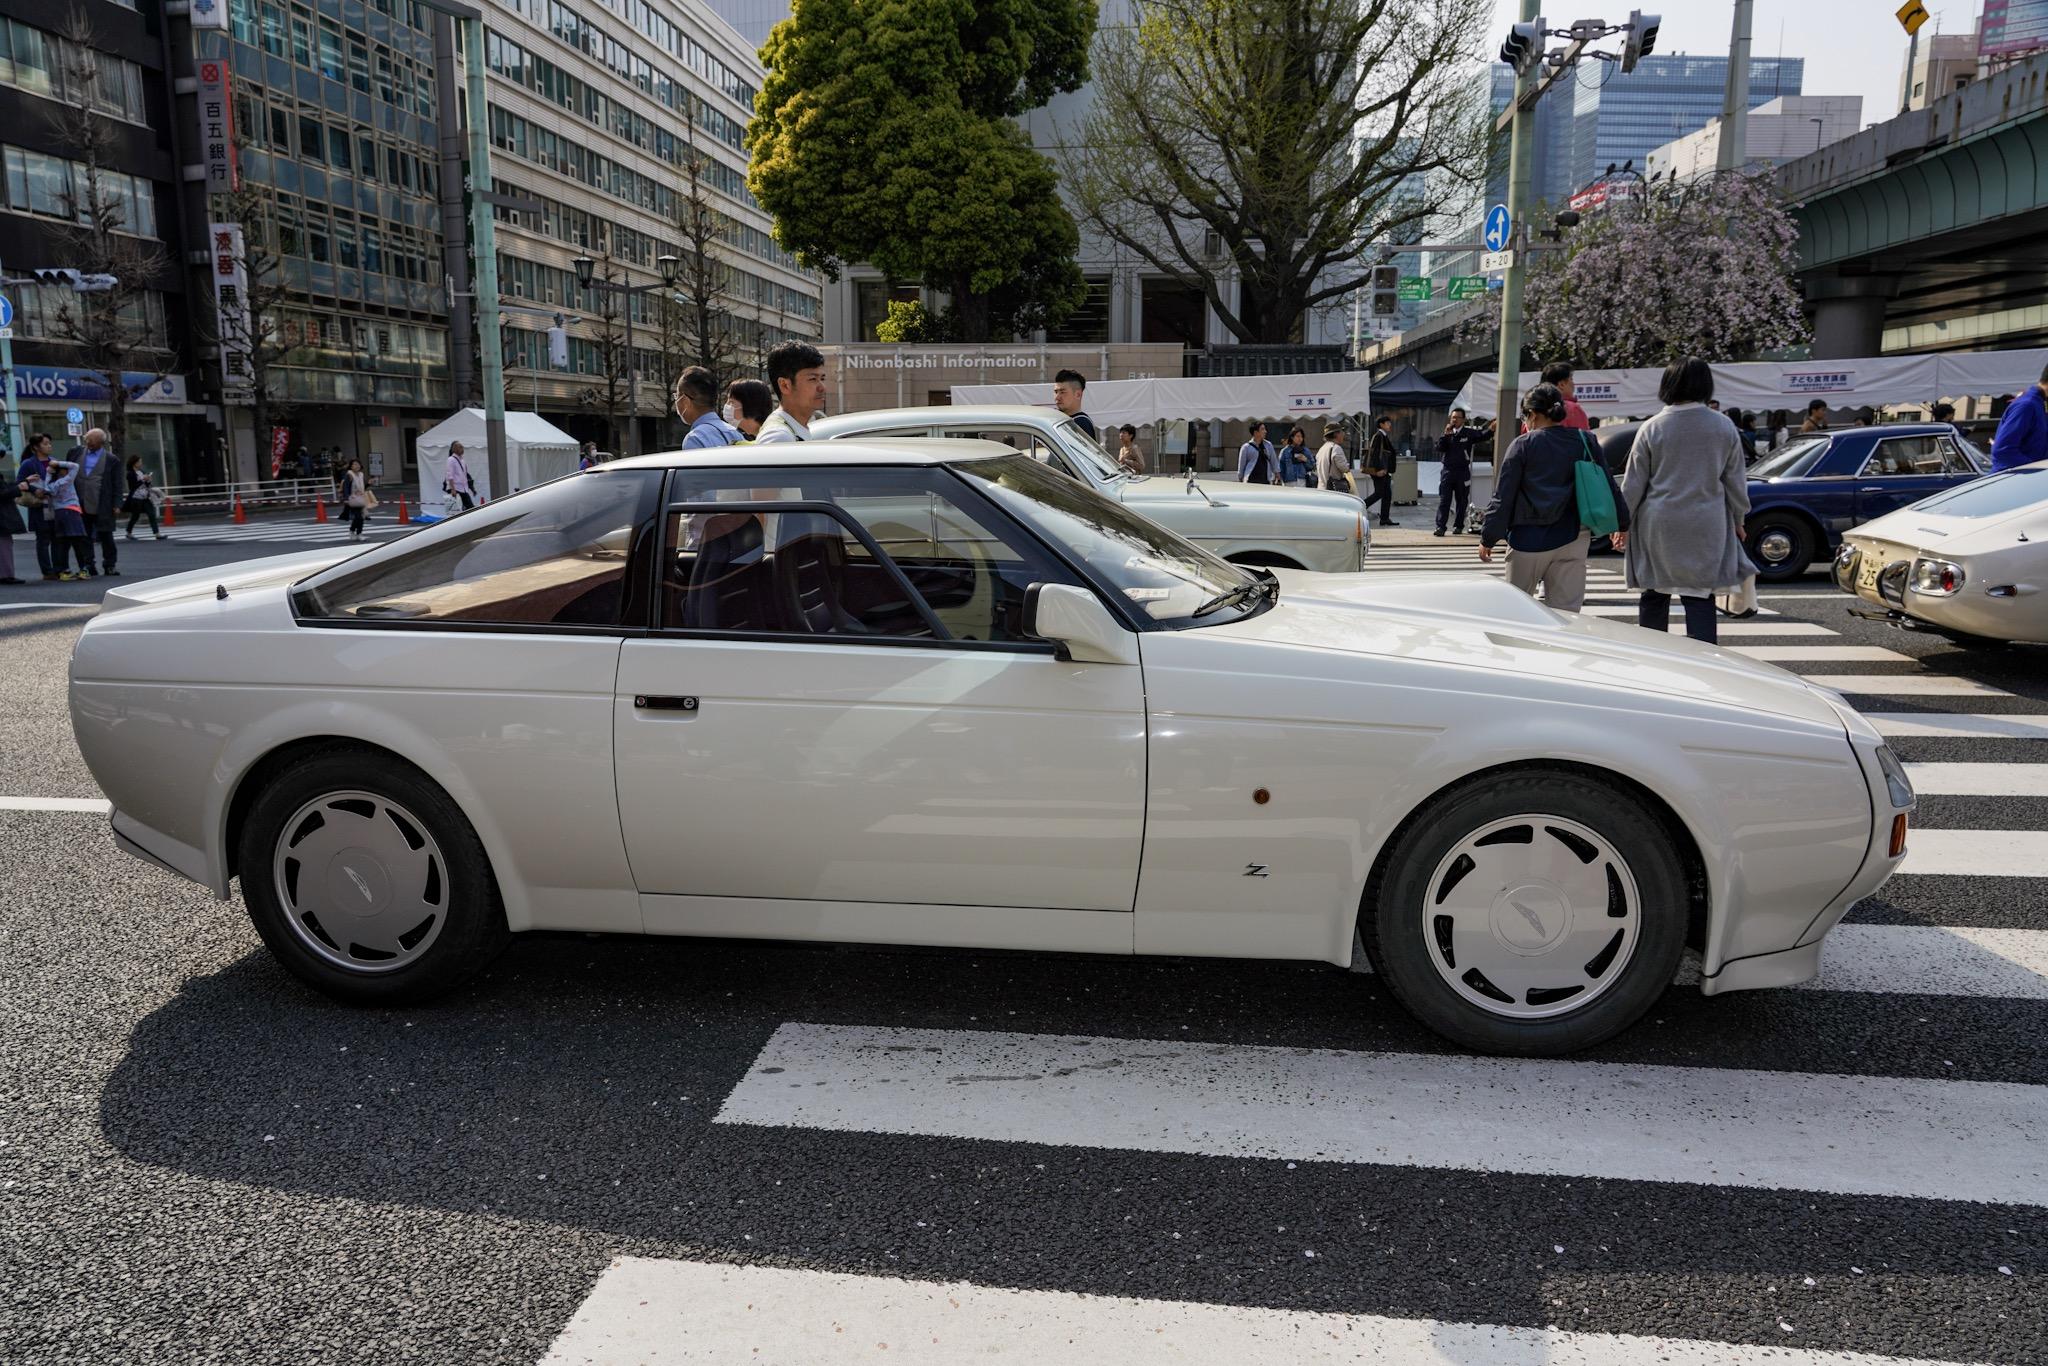 アストンマーティン V8 ヴァンテージ ザガート ジャパン・クラシック・オートモービル2019